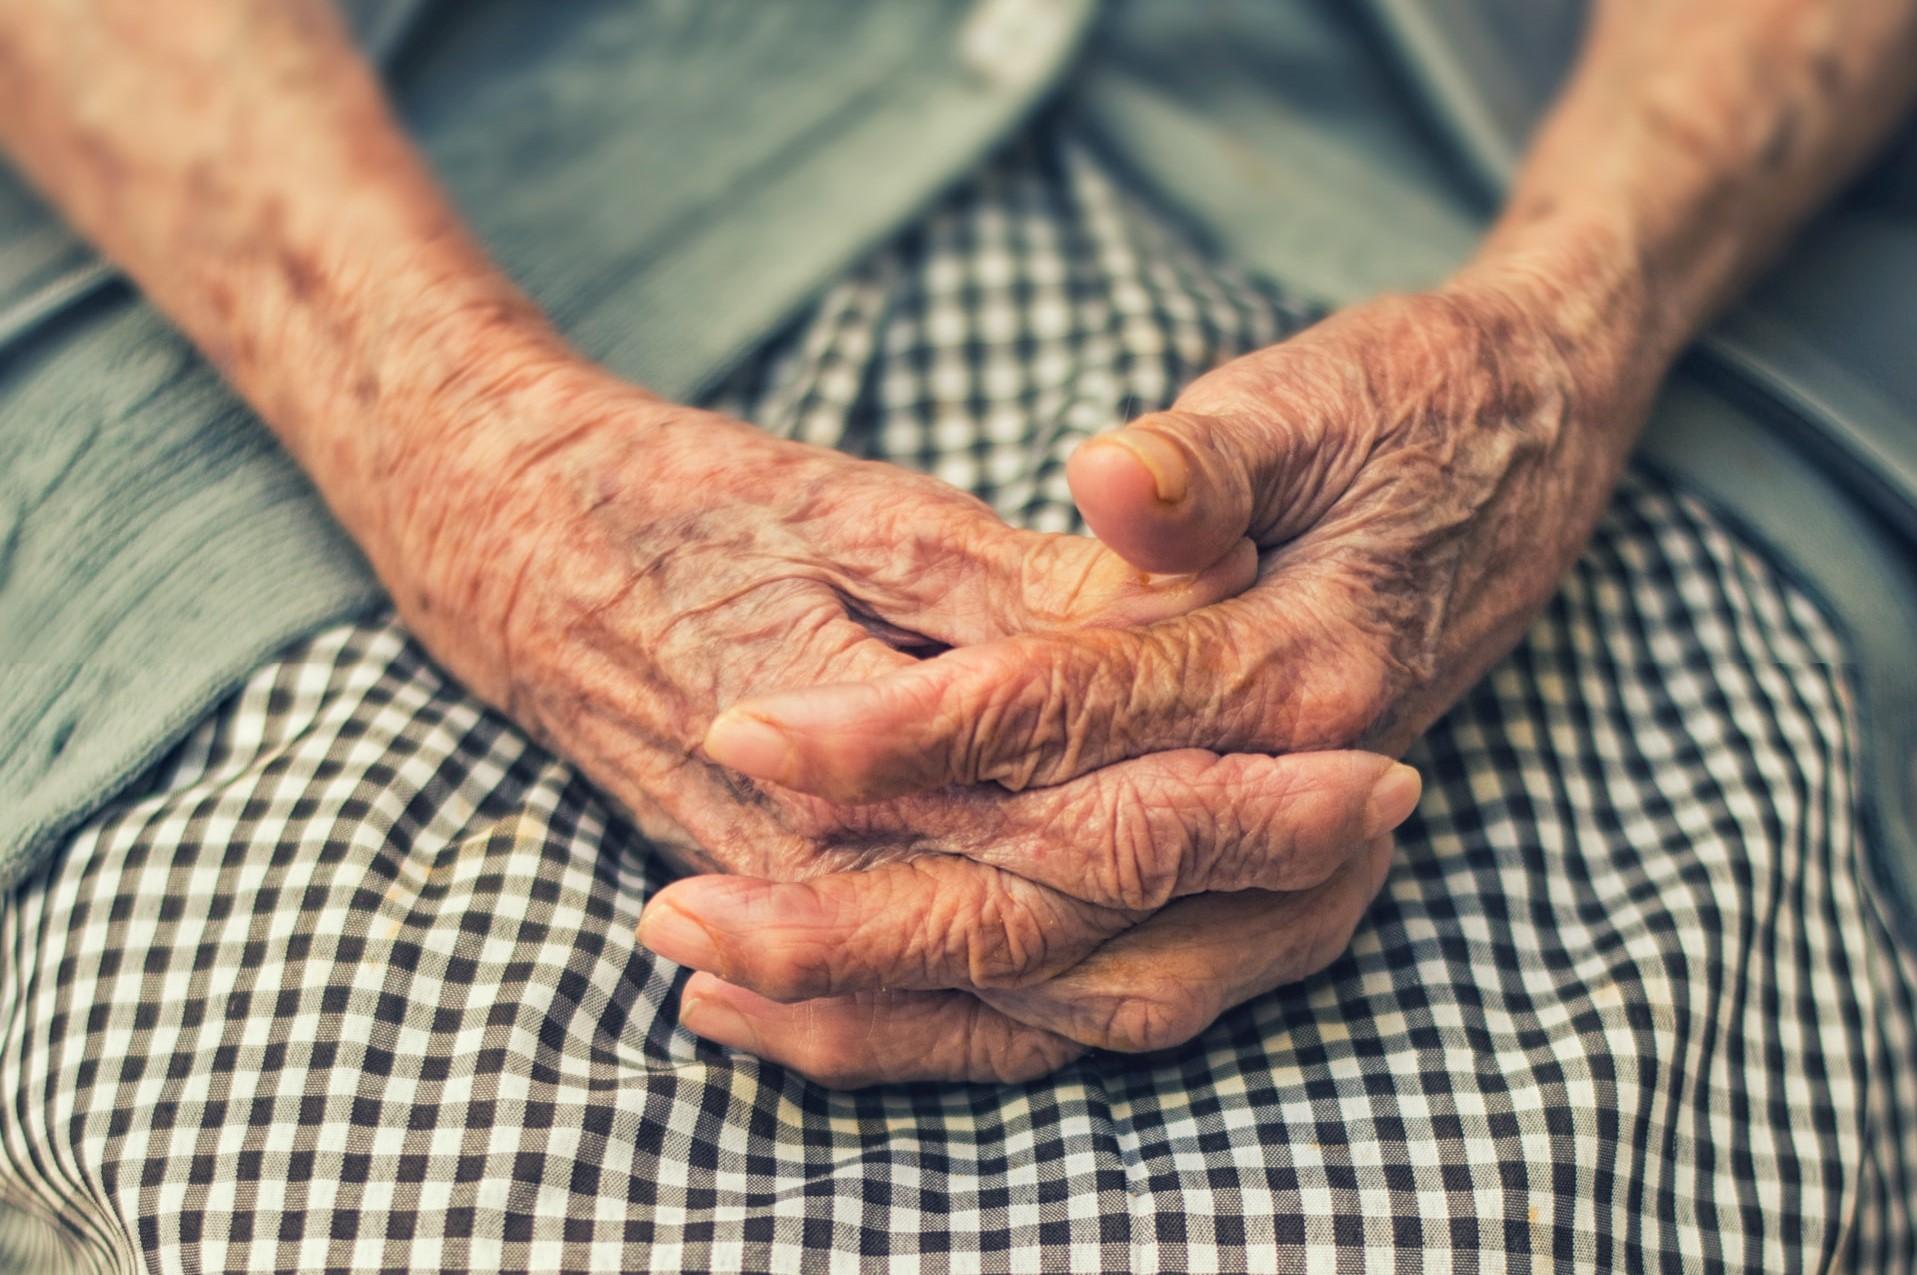 Eine Seniorin hat ihre ände gefaltet in den Schoß gelegt.